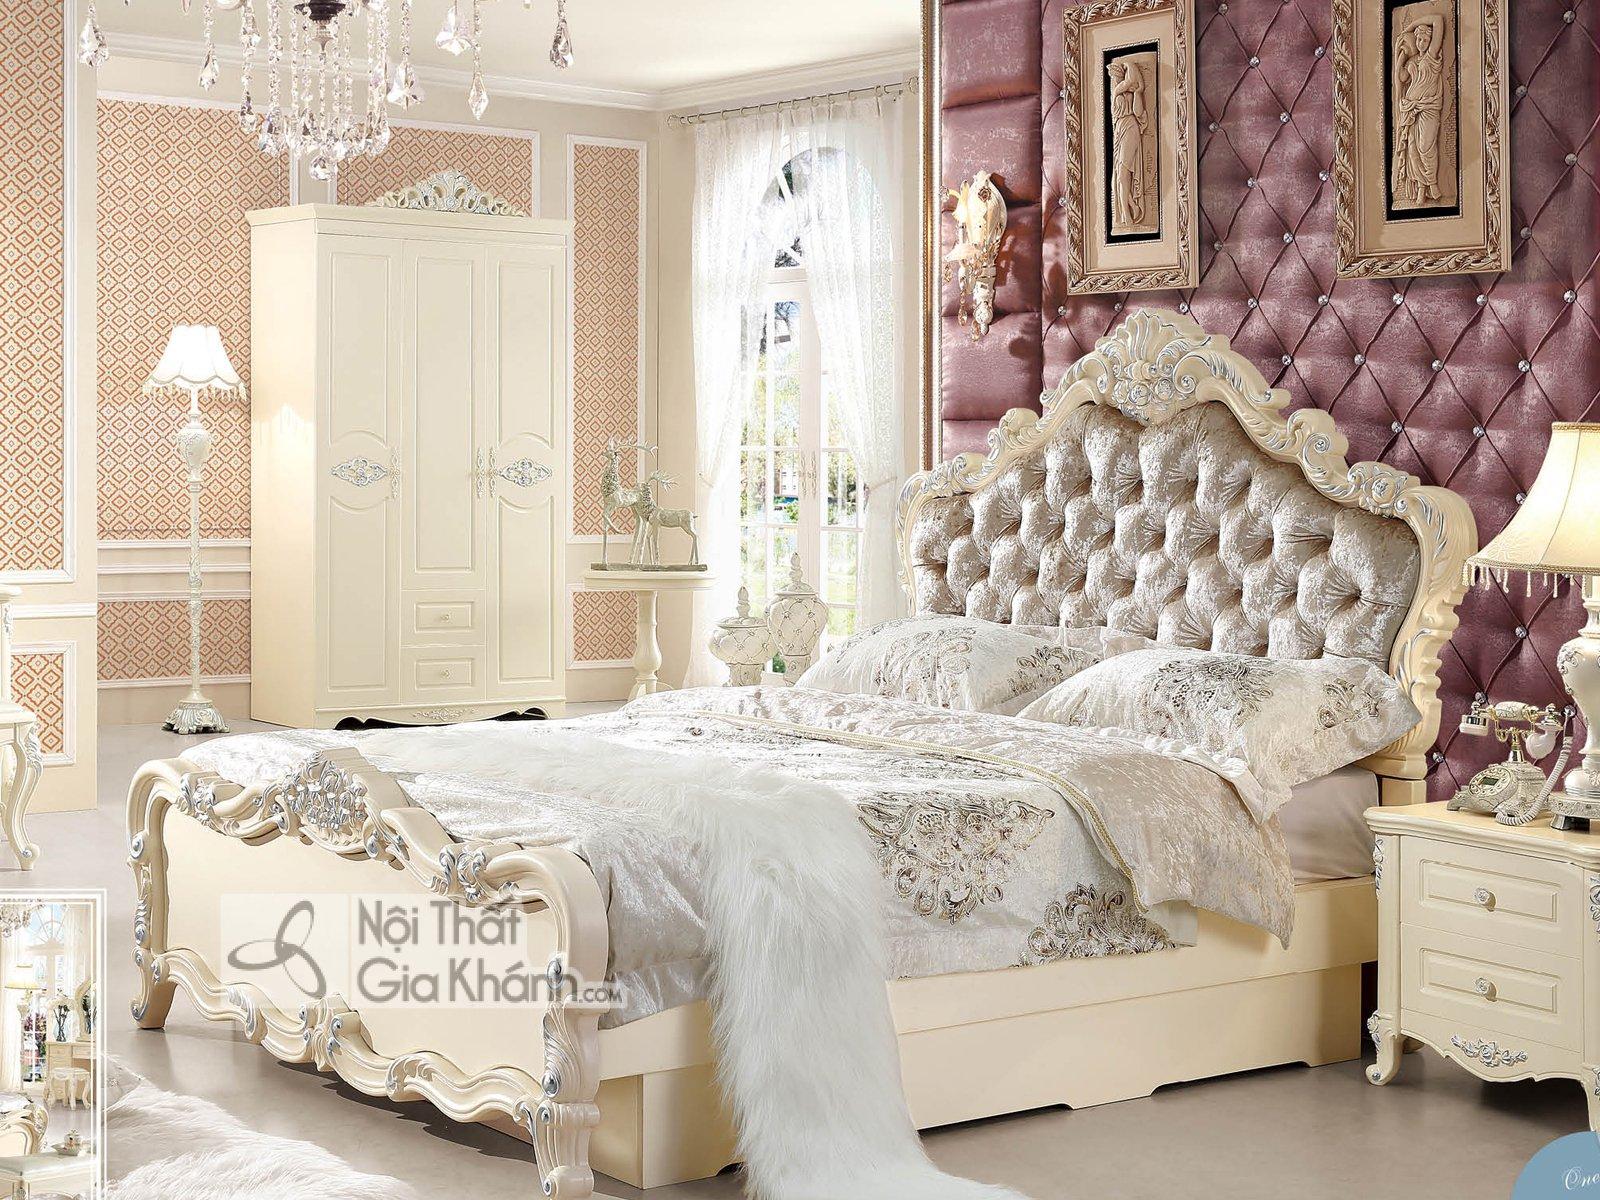 Bộ phòng ngủ tân cổ điển giá rẻ BH02BG - bo phong ngu tan co dien gia re bh02bg 3